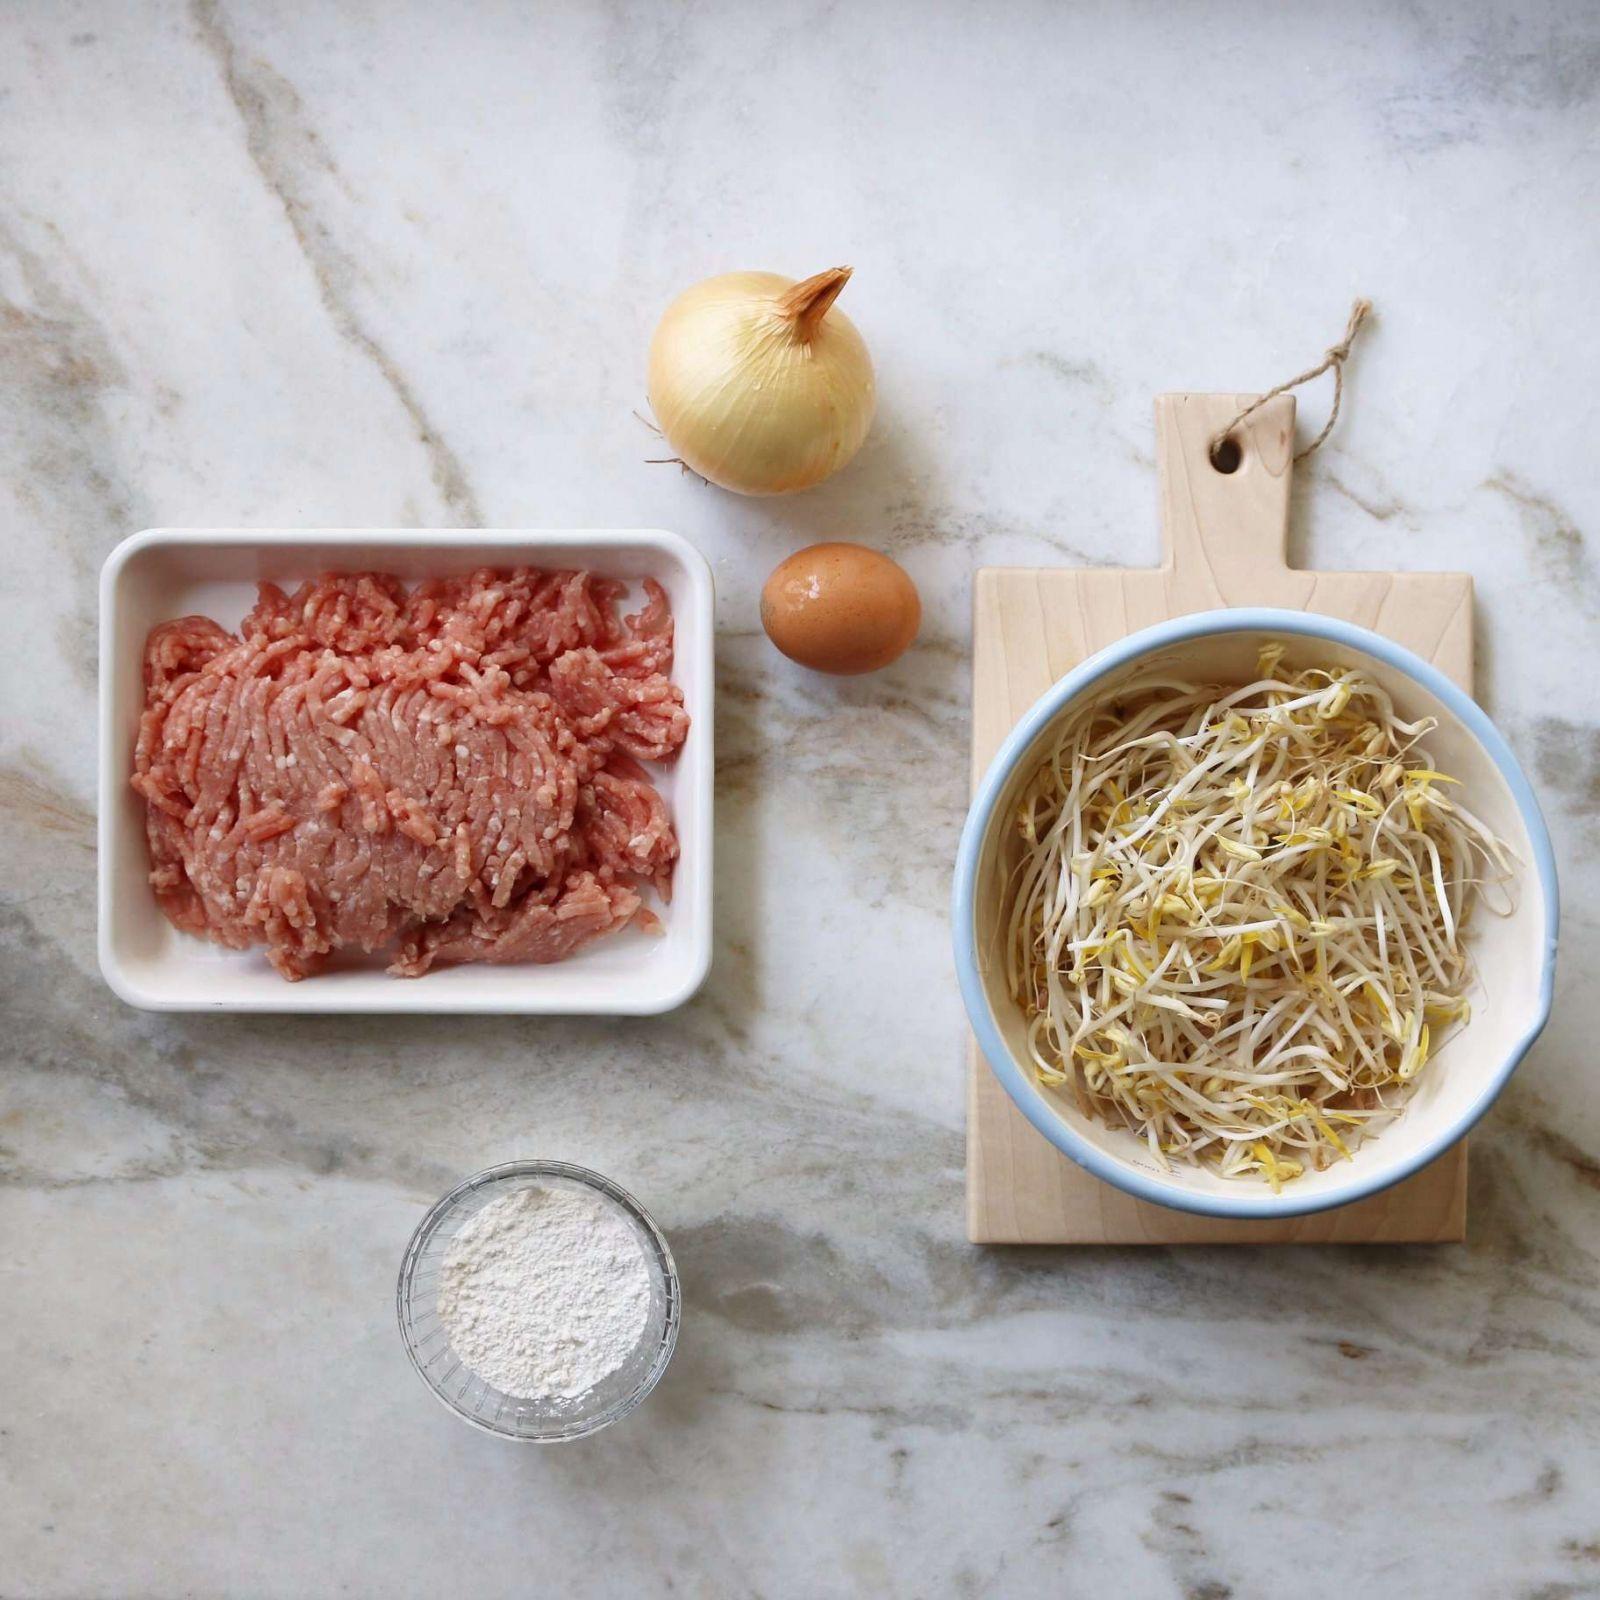 Cách làm thịt chiên kiểu mới ăn ngon ngất ngây